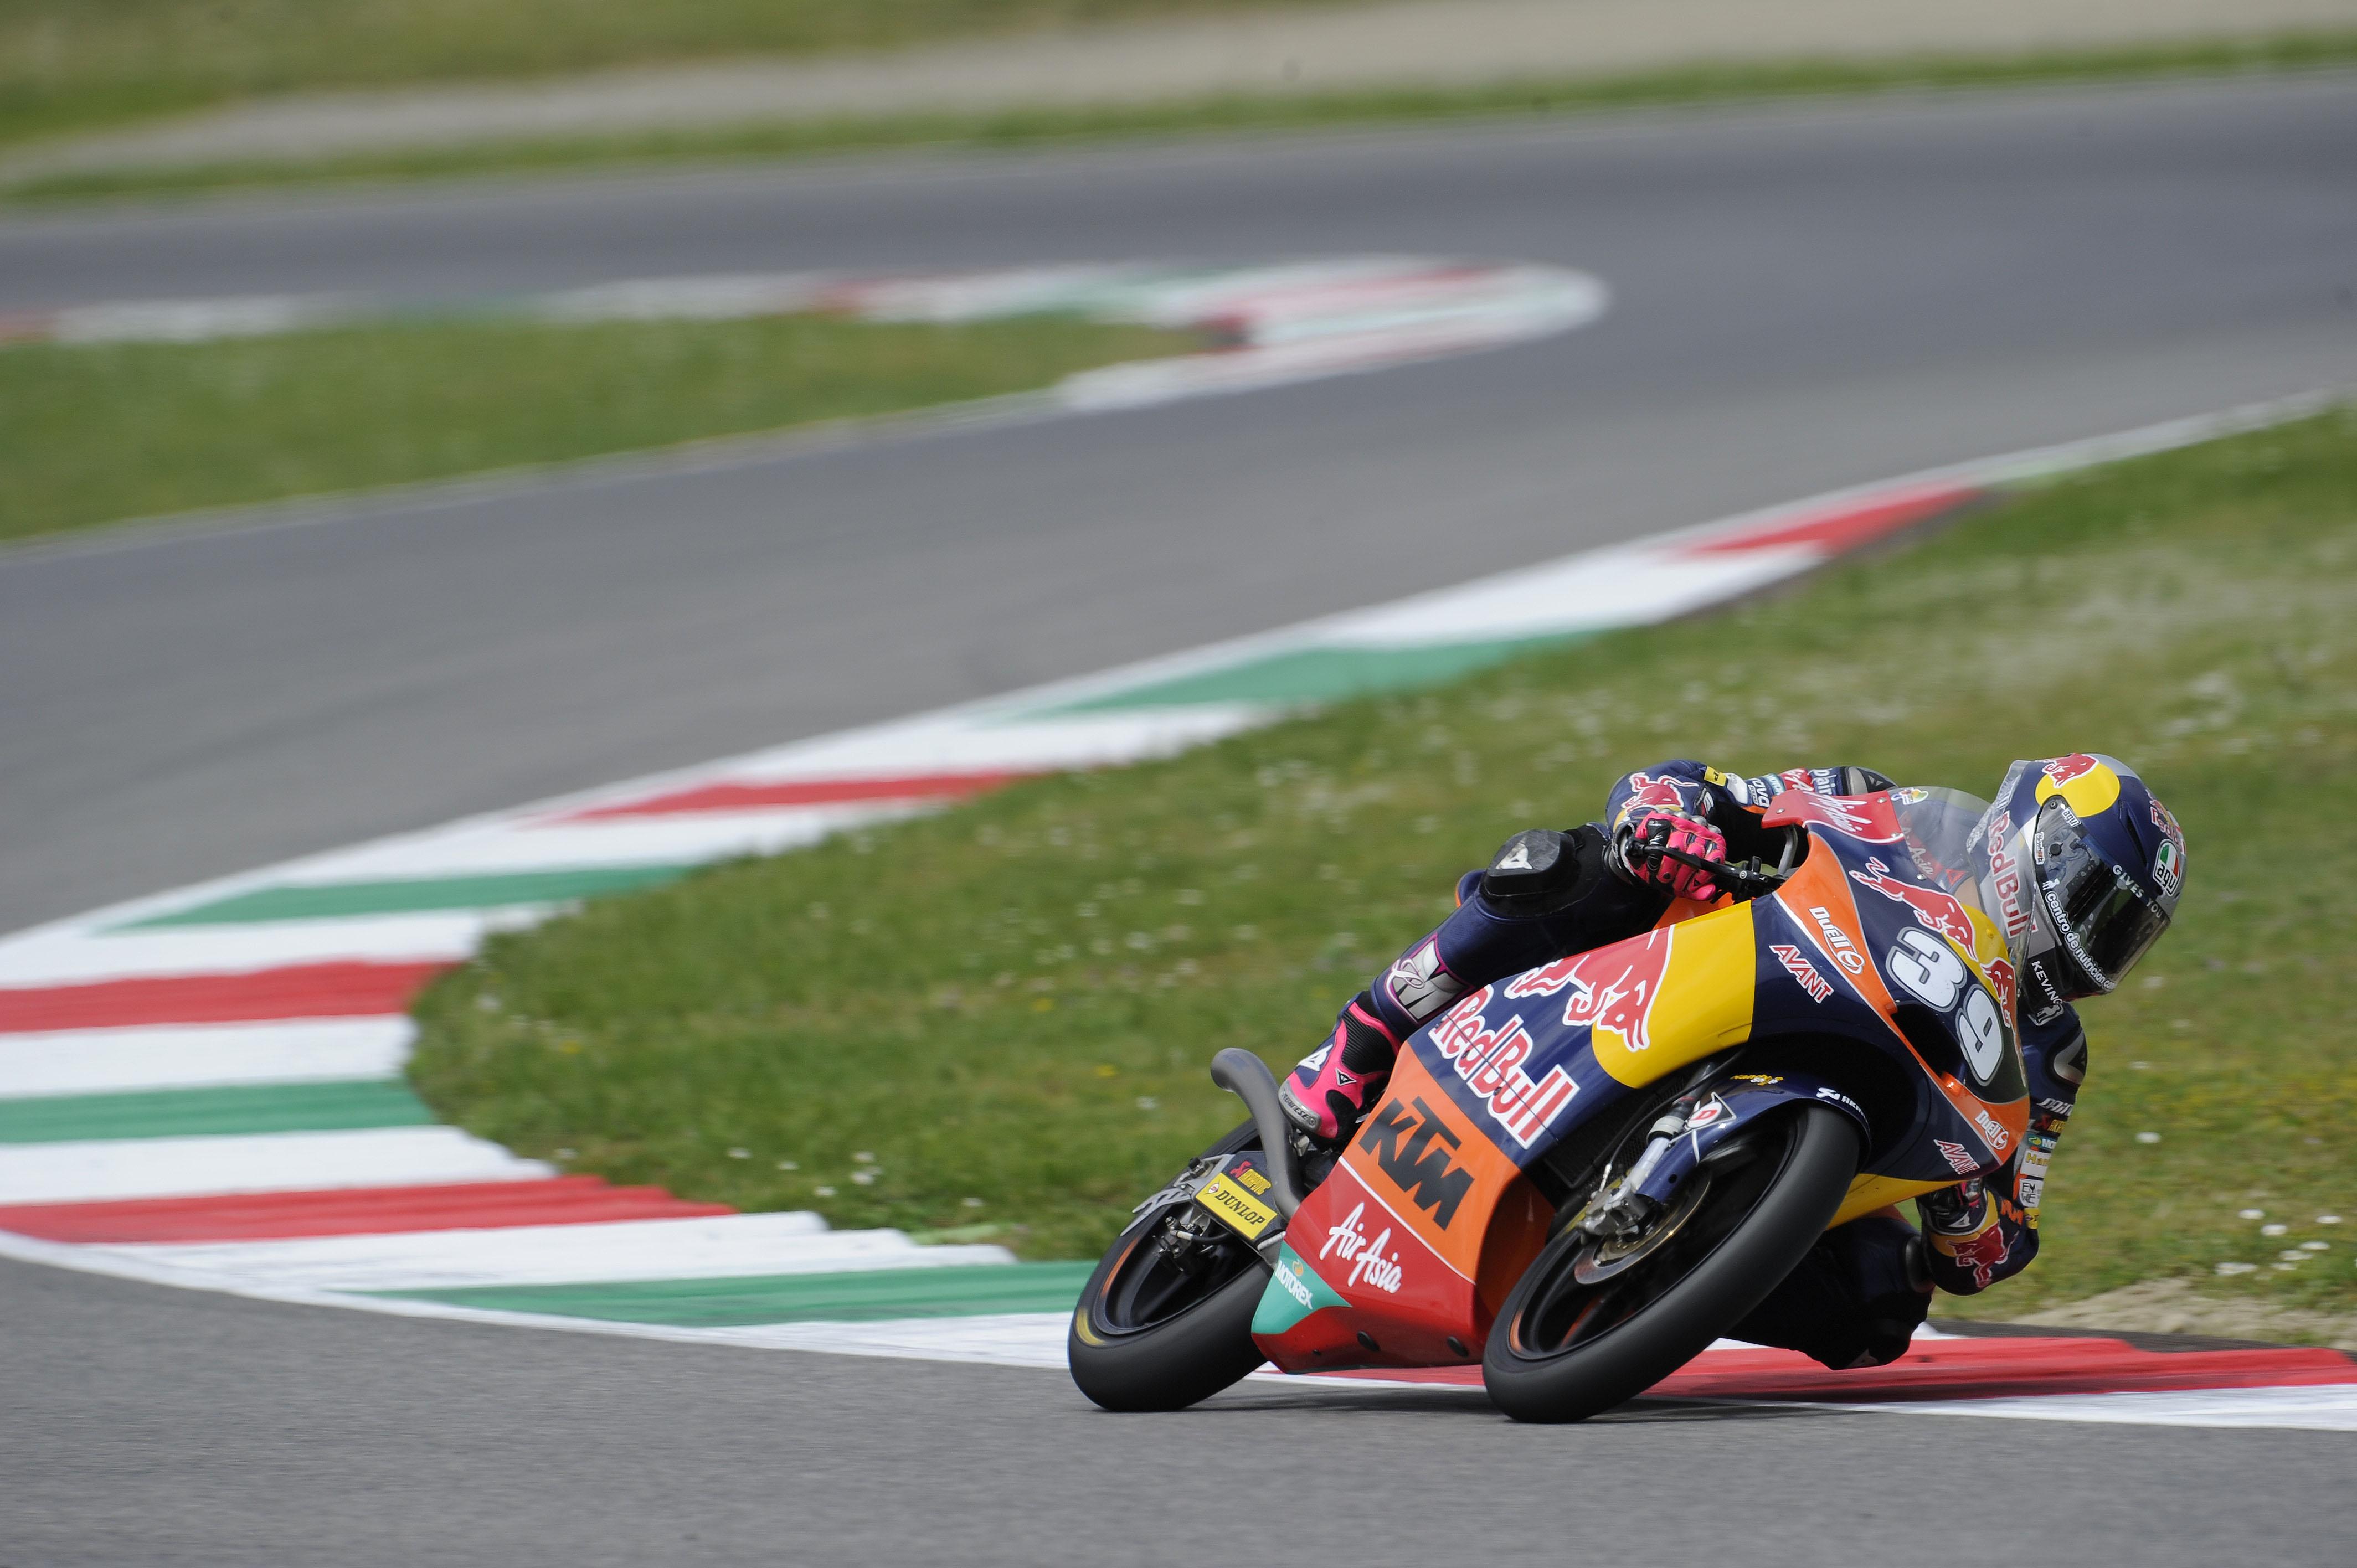 Declaraciones de los pilotos de Moto2 y Moto3 en Mugello